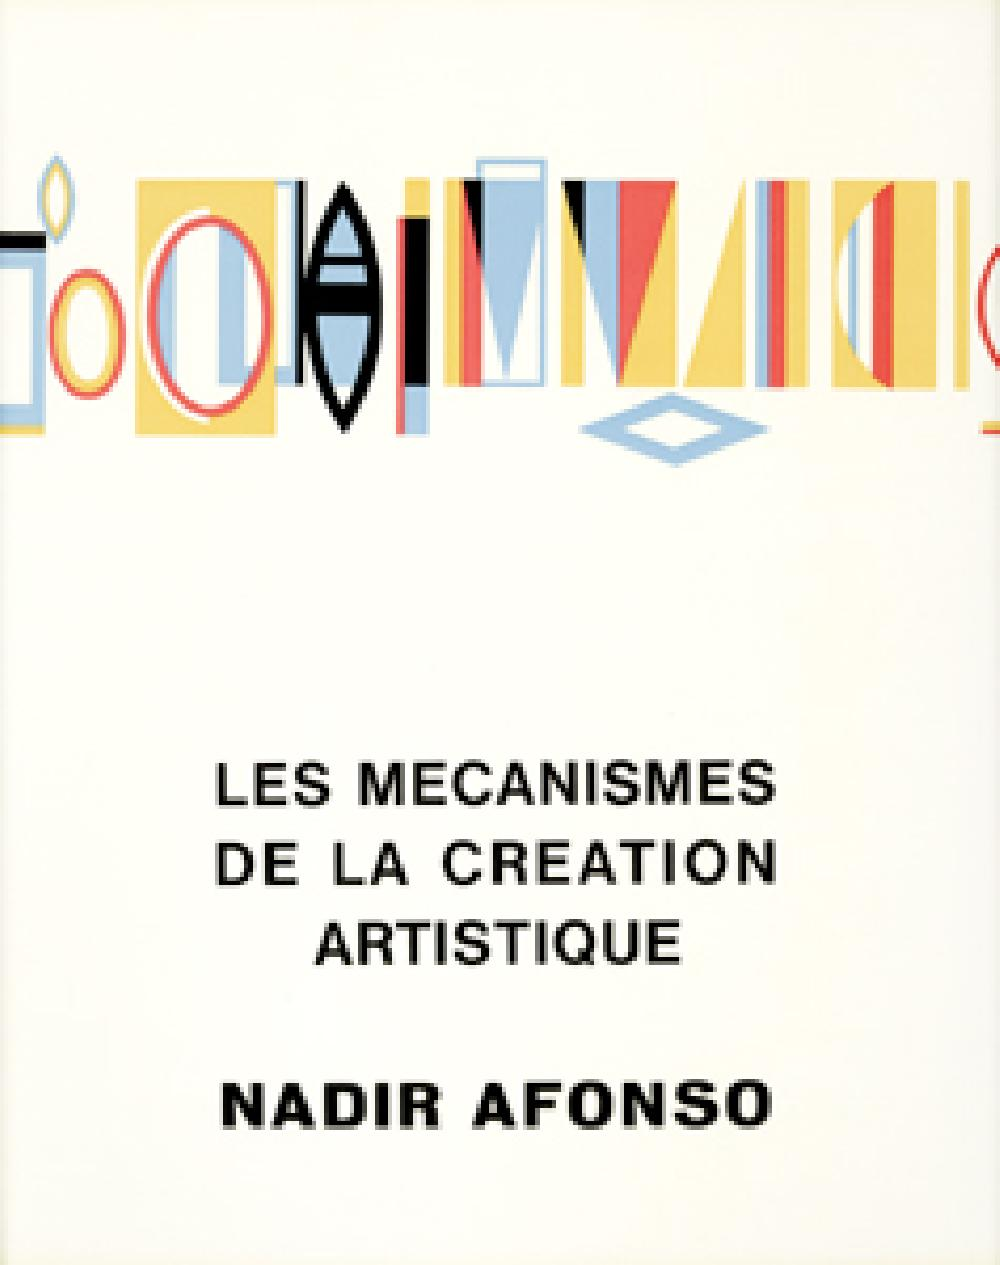 Les mécanismes de la création artistique